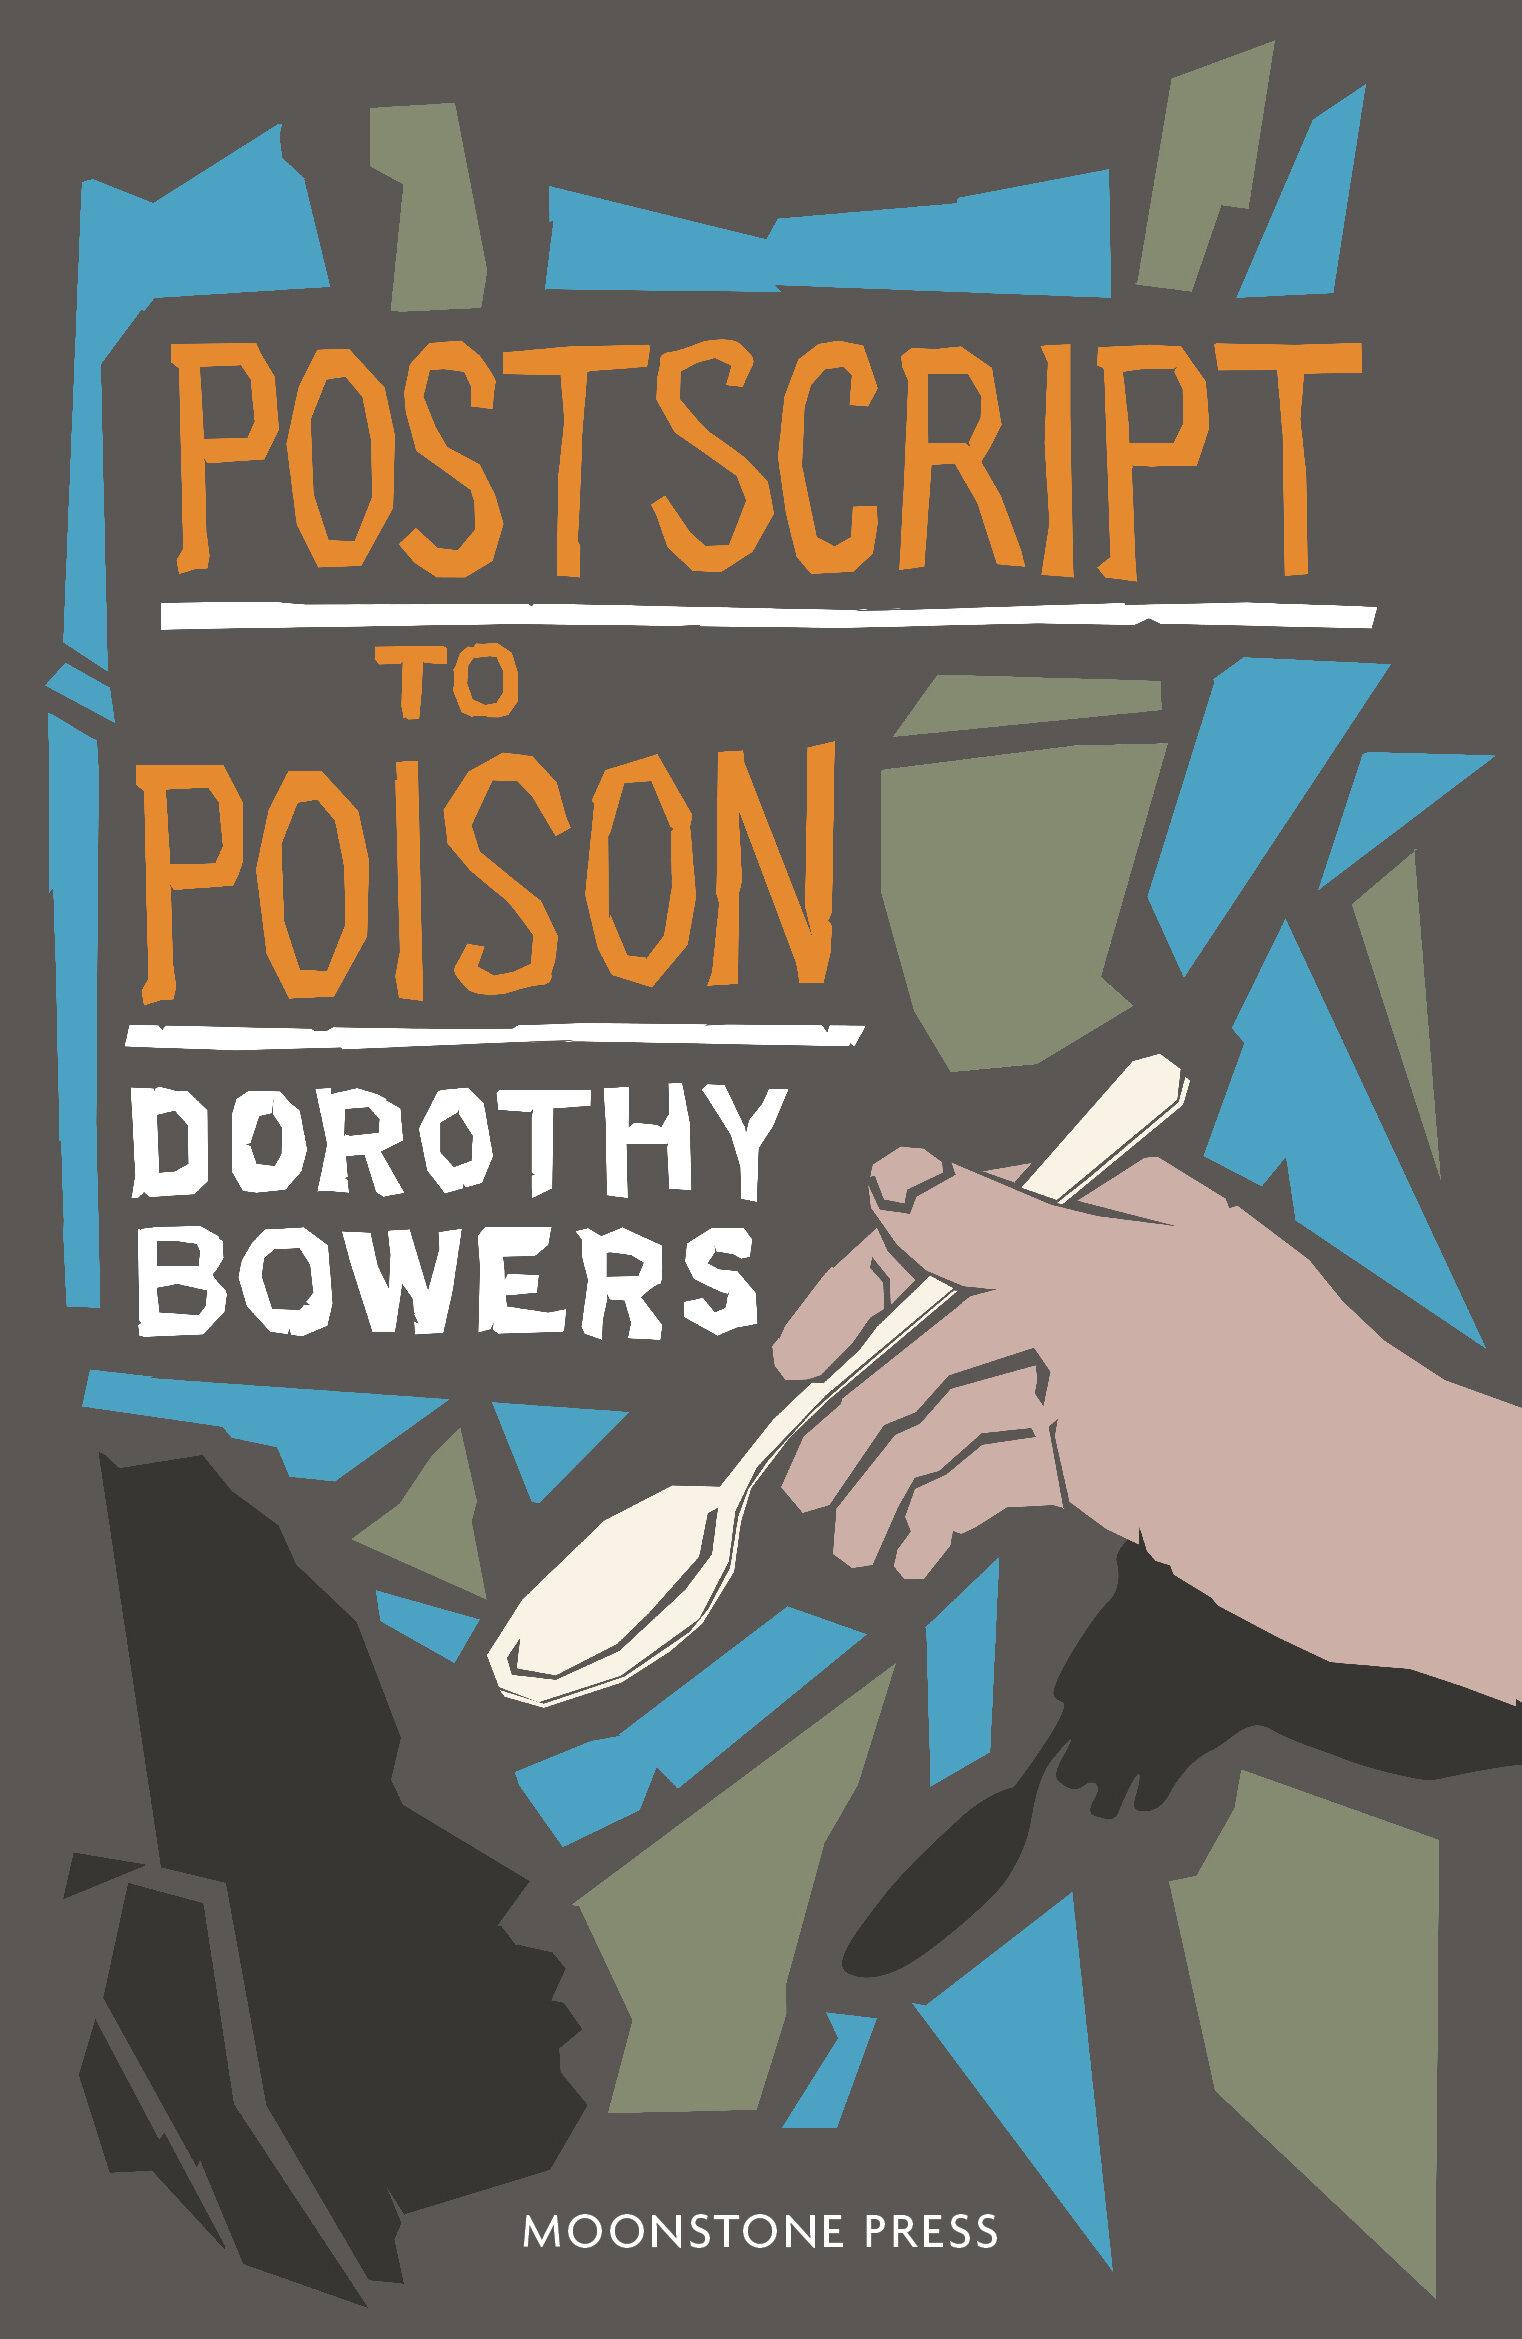 Postscript to Poison.jpg